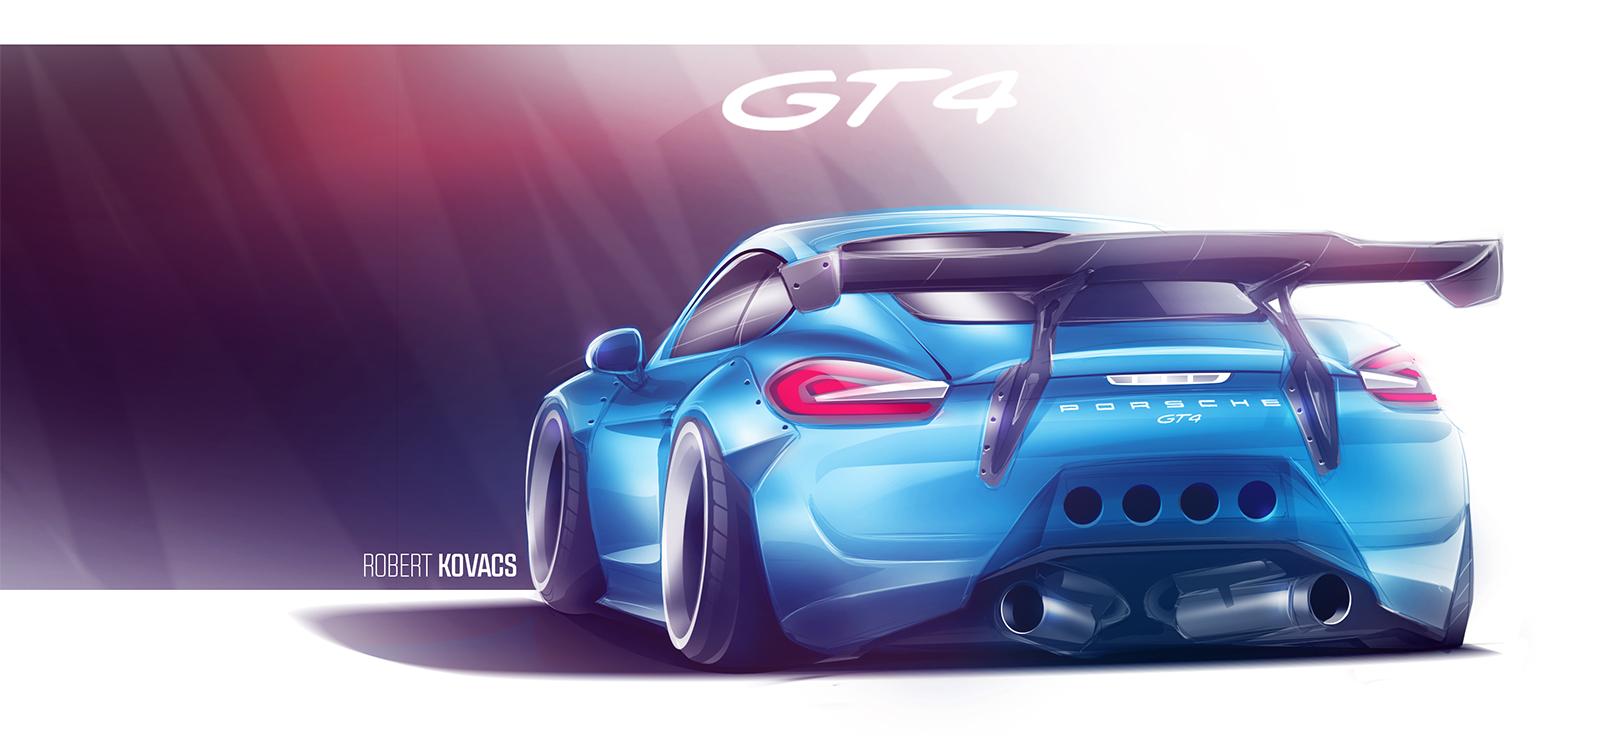 Porsche Cayman GT4 by roobi